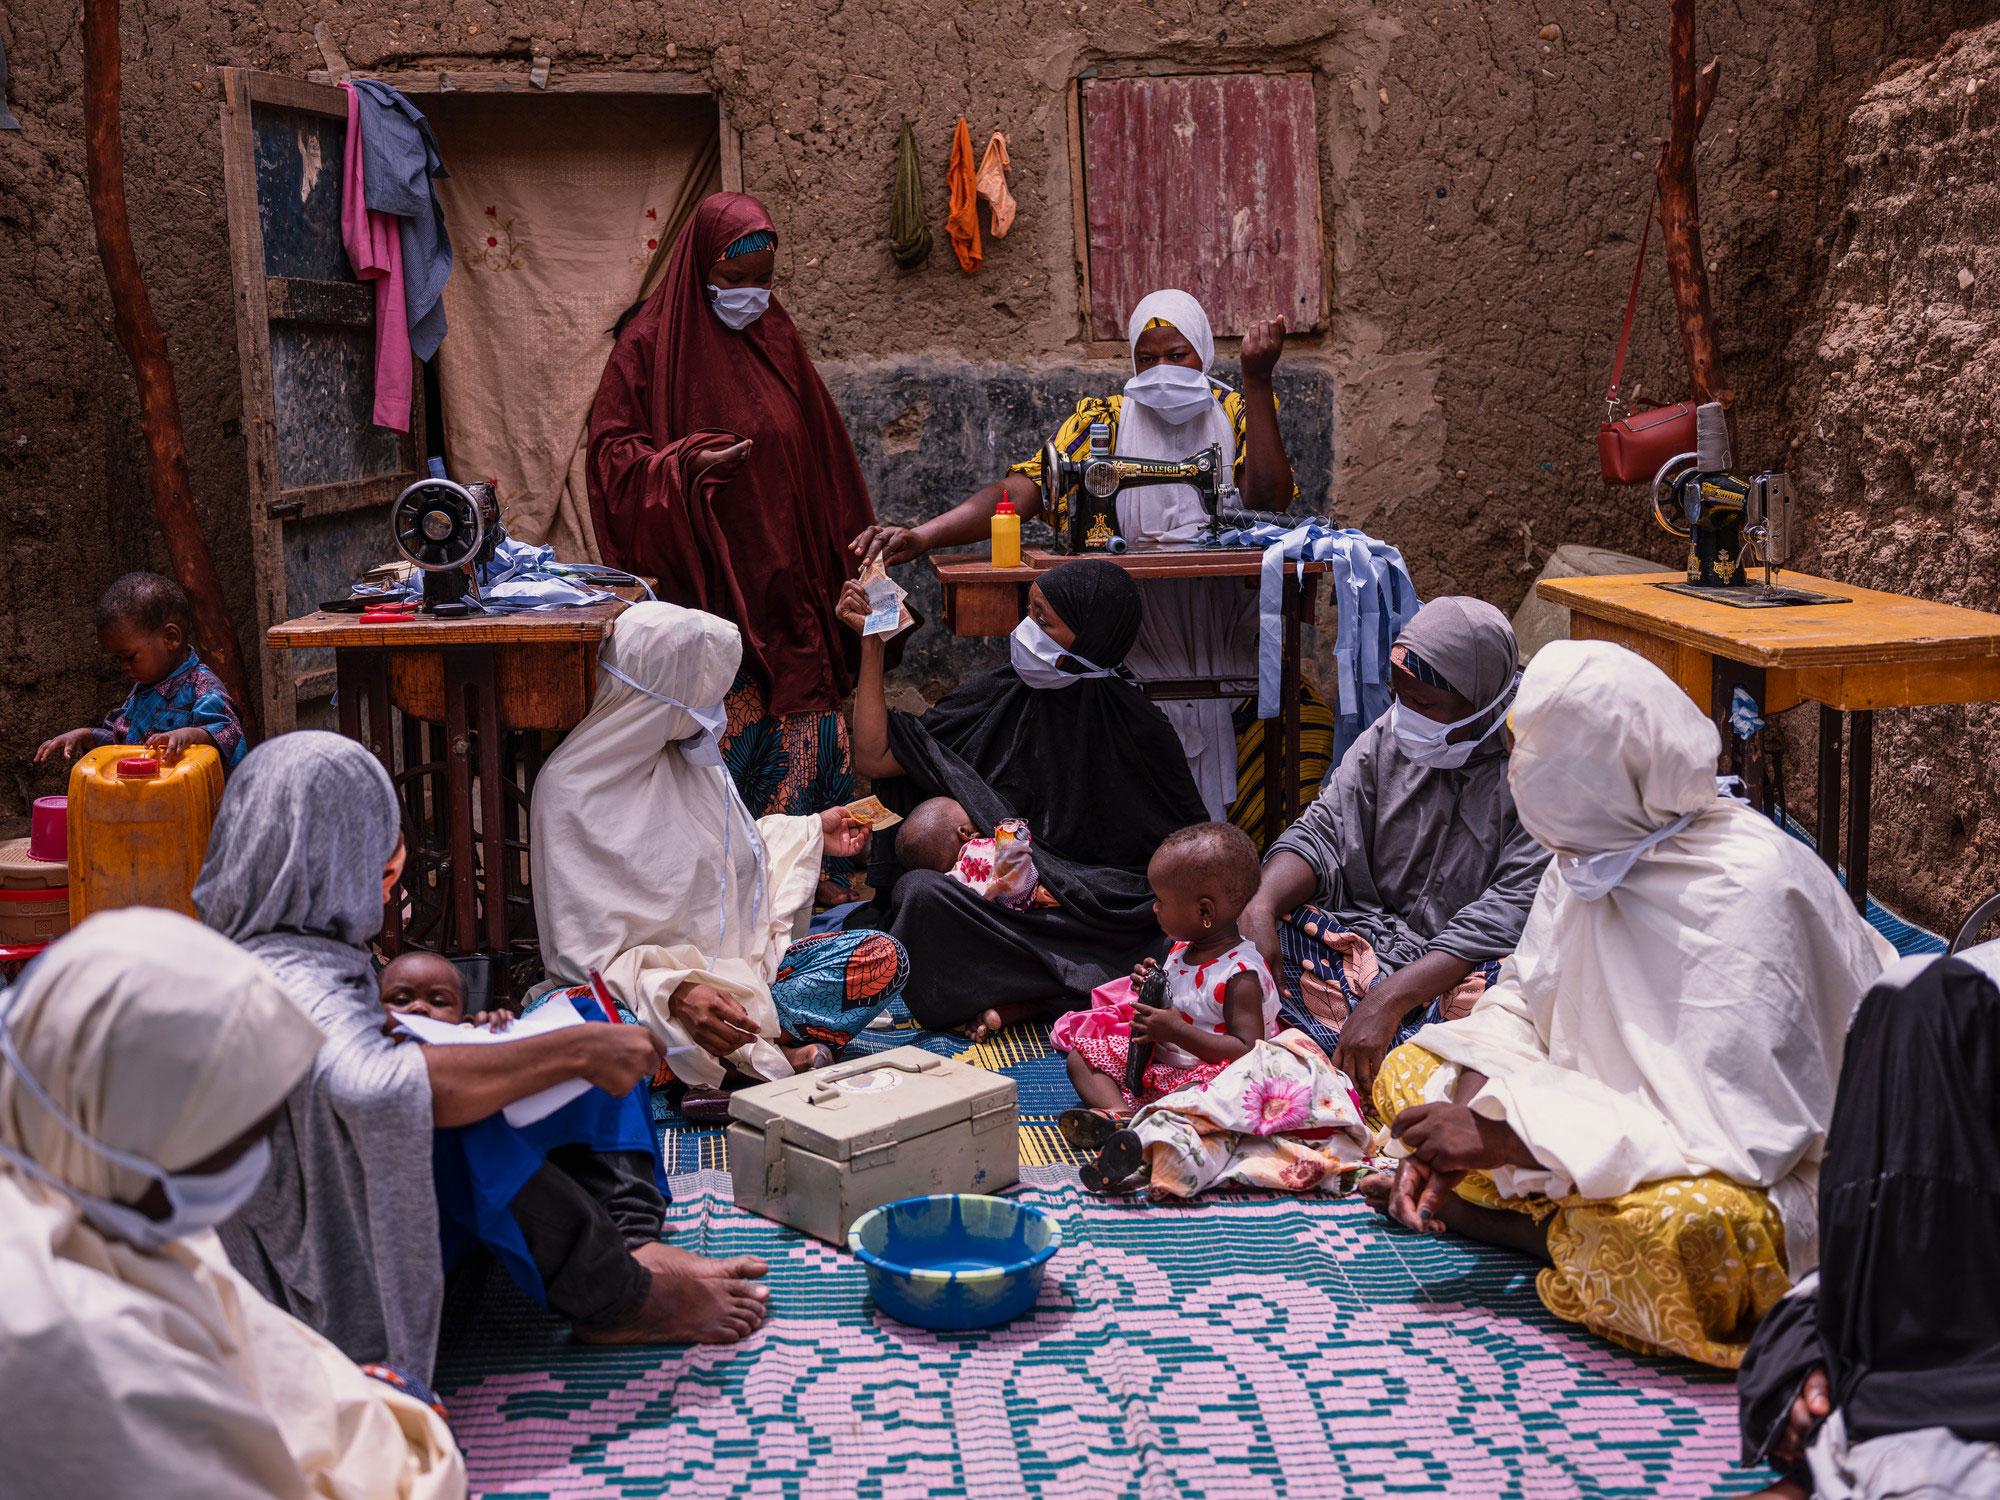 Mulheres mascaradas se reúnem em uma loja de costura para uma reunião da VSLA.